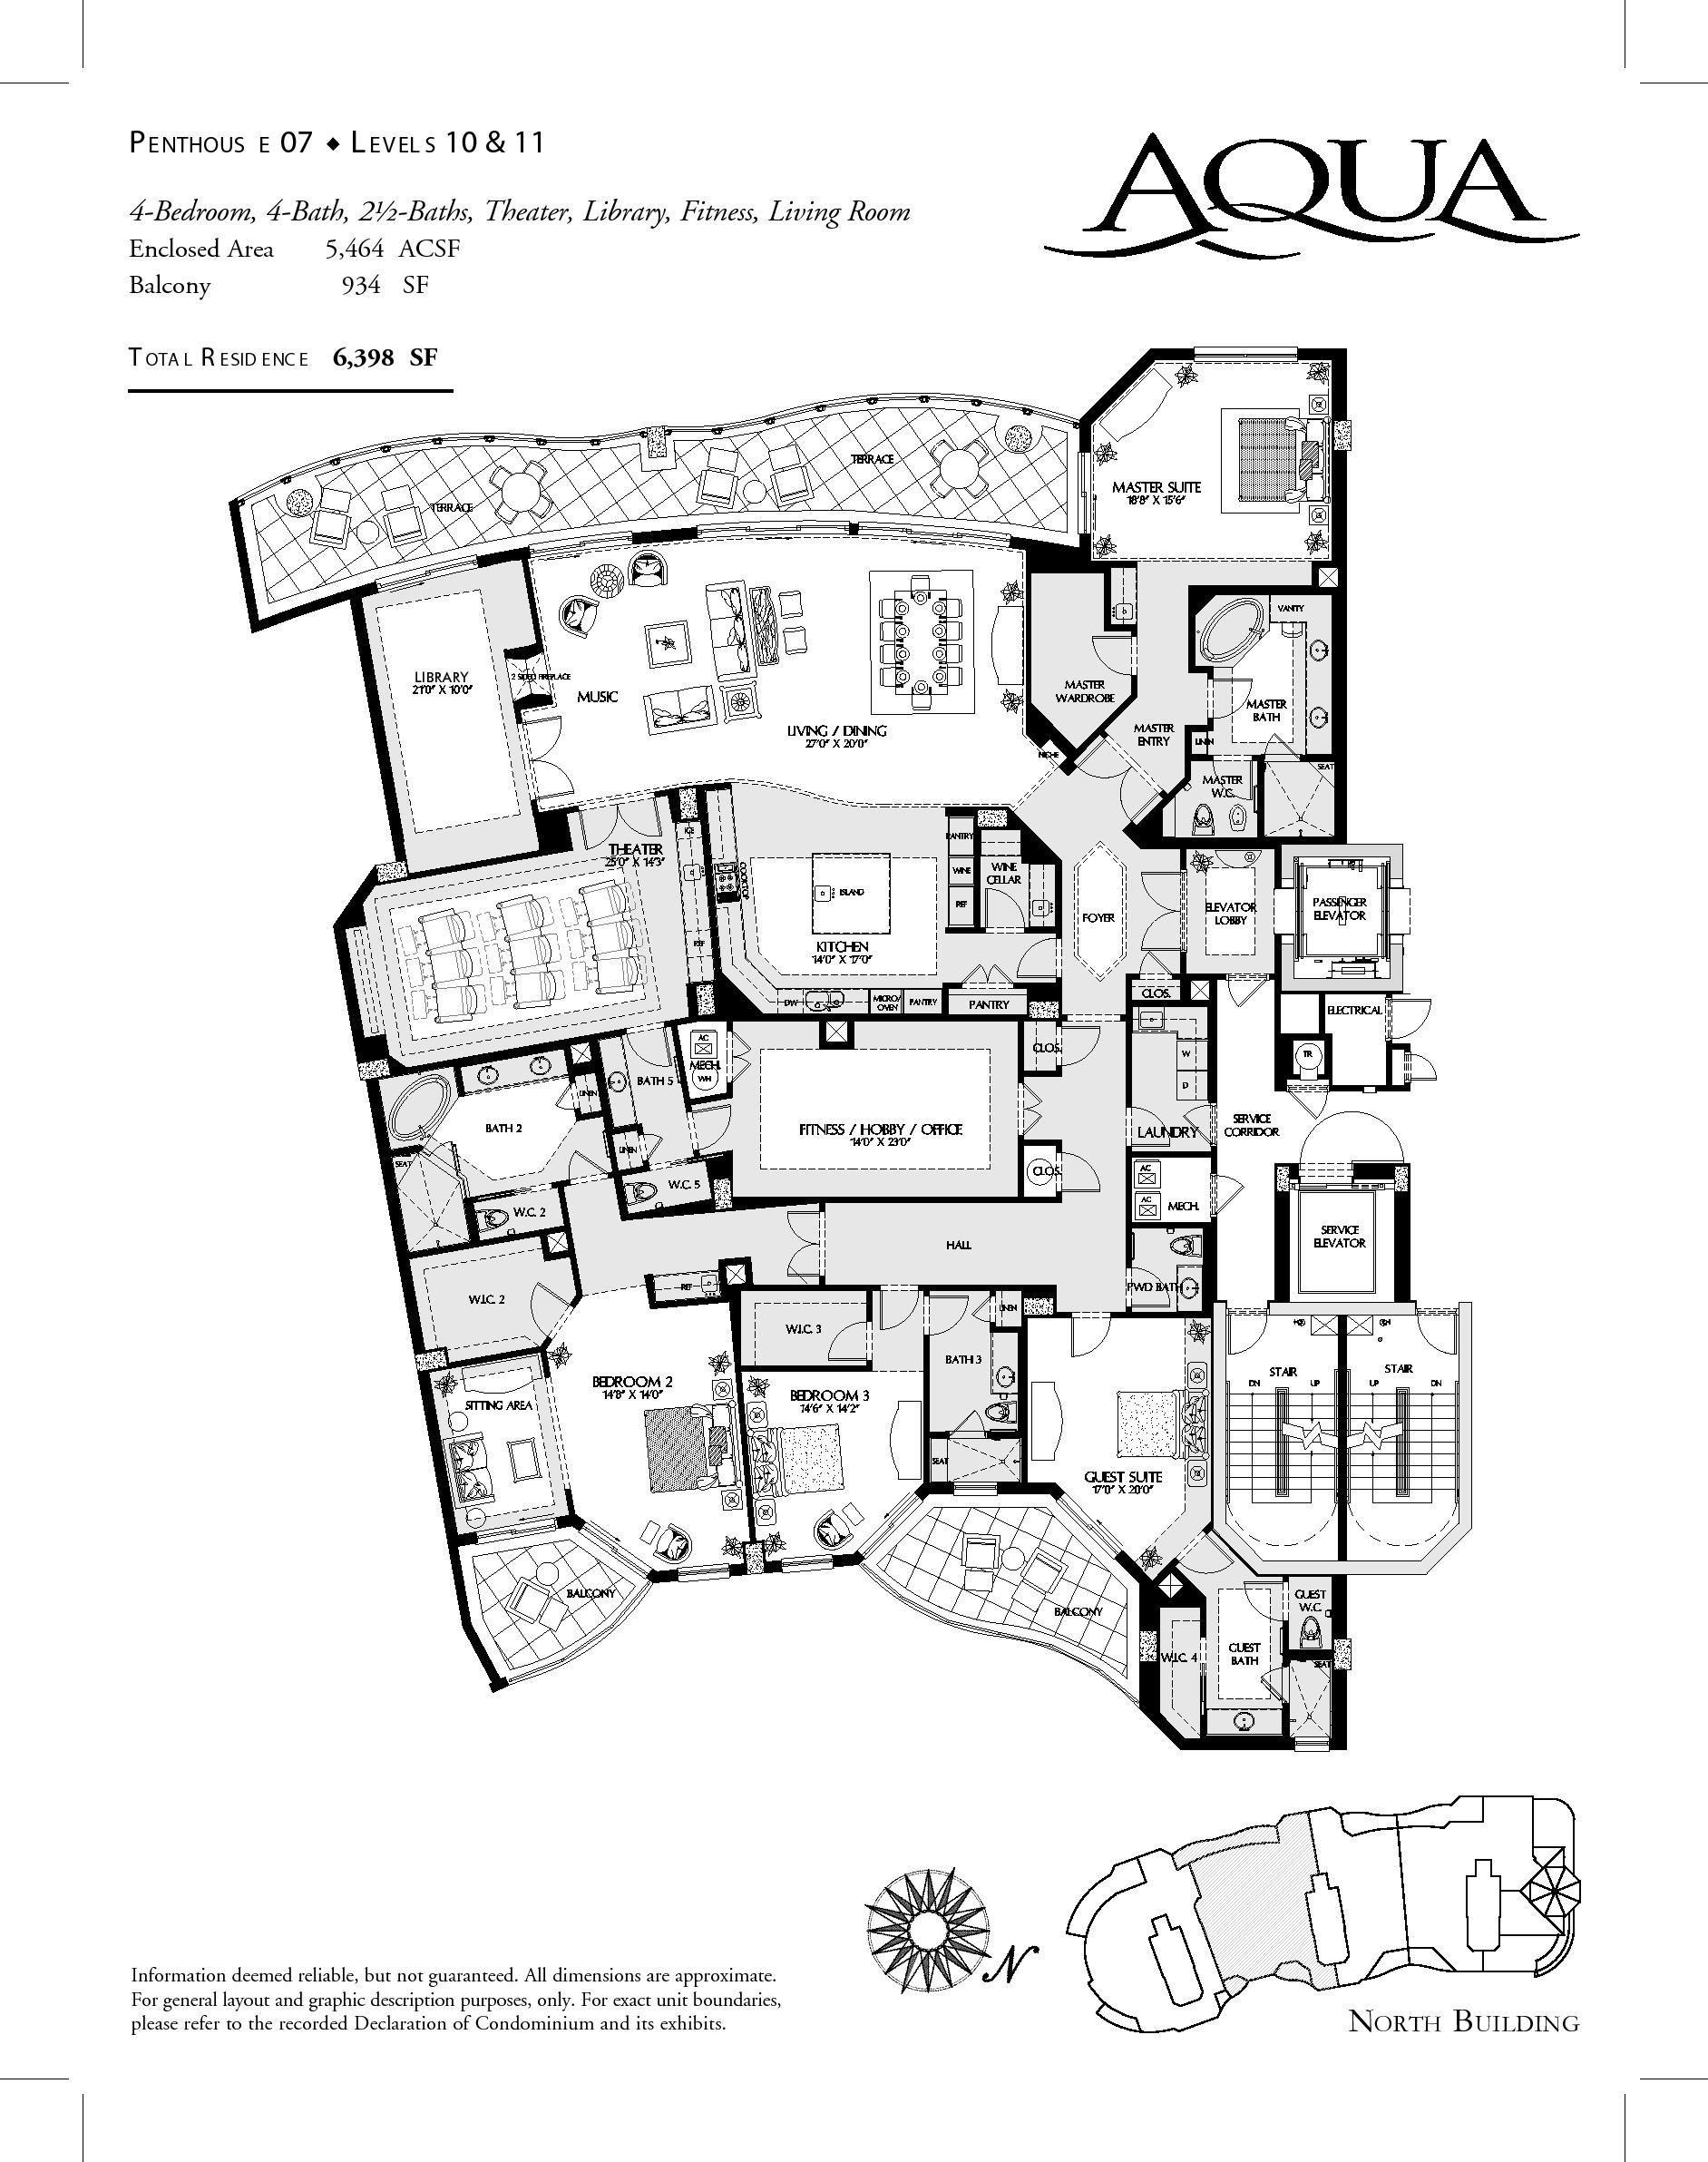 Luxury Floor Plans Naples Luxury Residences Penthouse Condos New Construction Condo Floor Plans Luxury Floor Plans Floor Plans